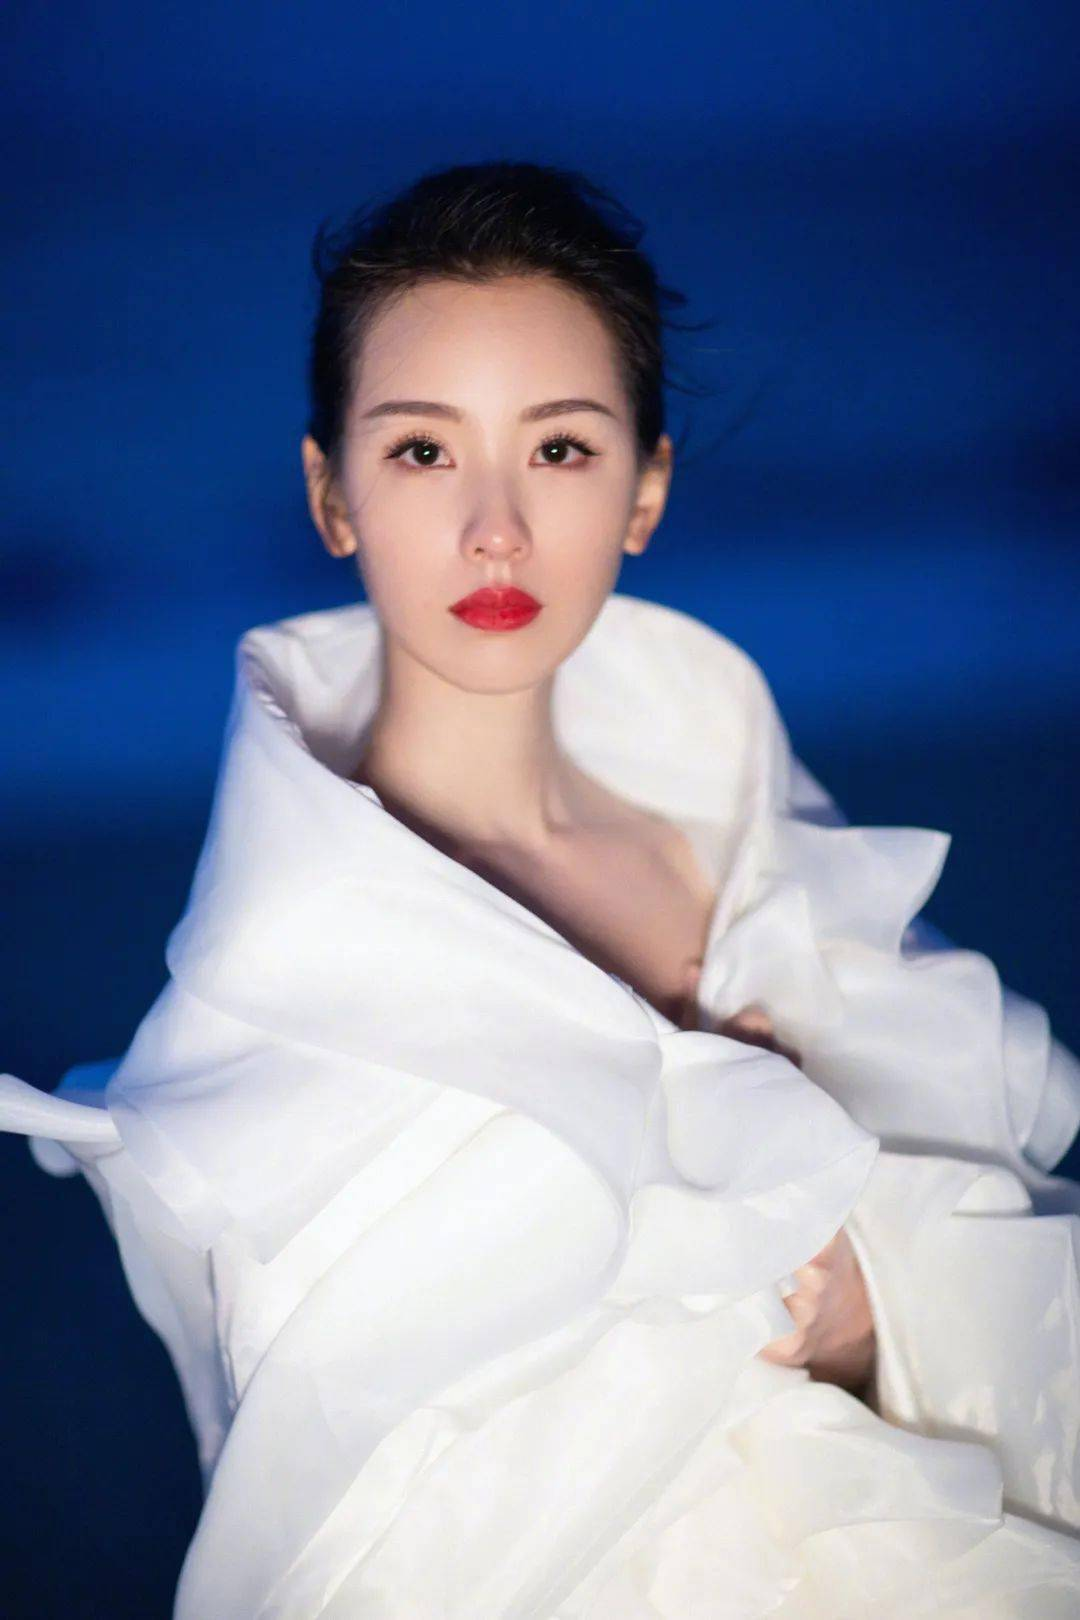 快讯 | 李现红毯、易烊千玺颁奖典礼、王嘉尔封面、周冬雨活动